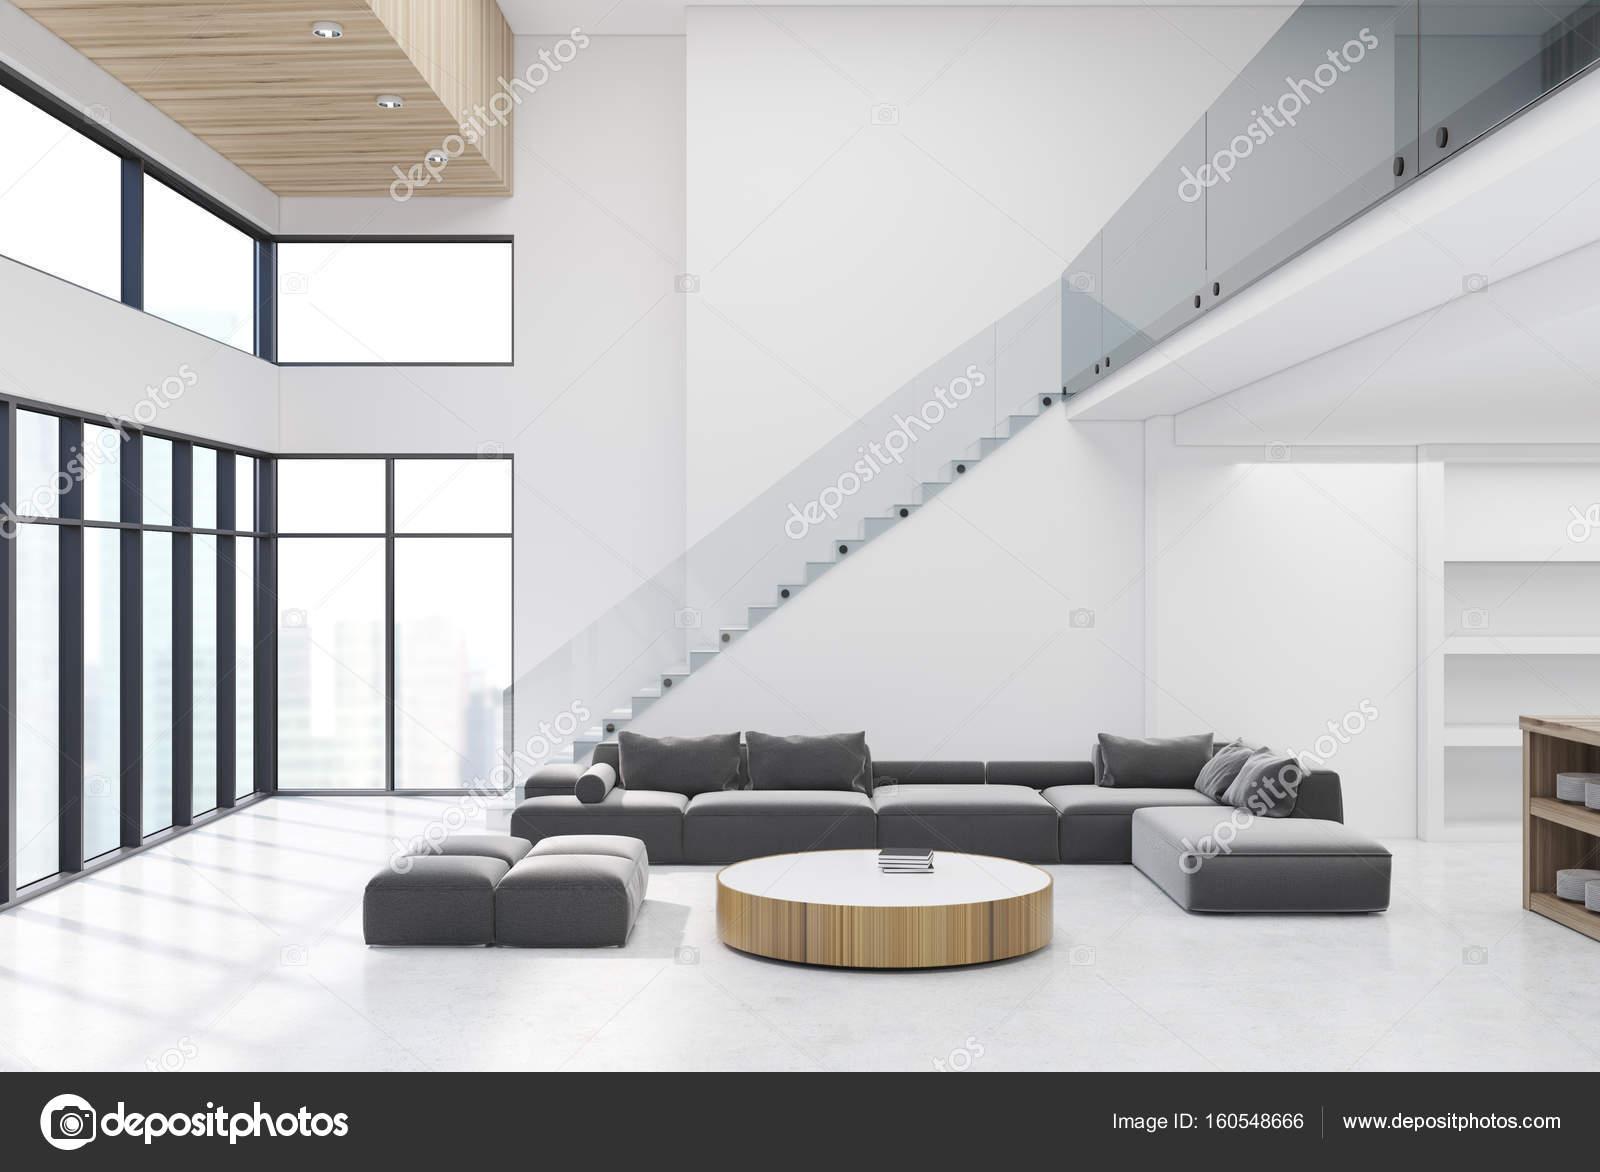 Weiße Wohnzimmer Mit Holzdecke Und Treppen U2014 Stockfoto